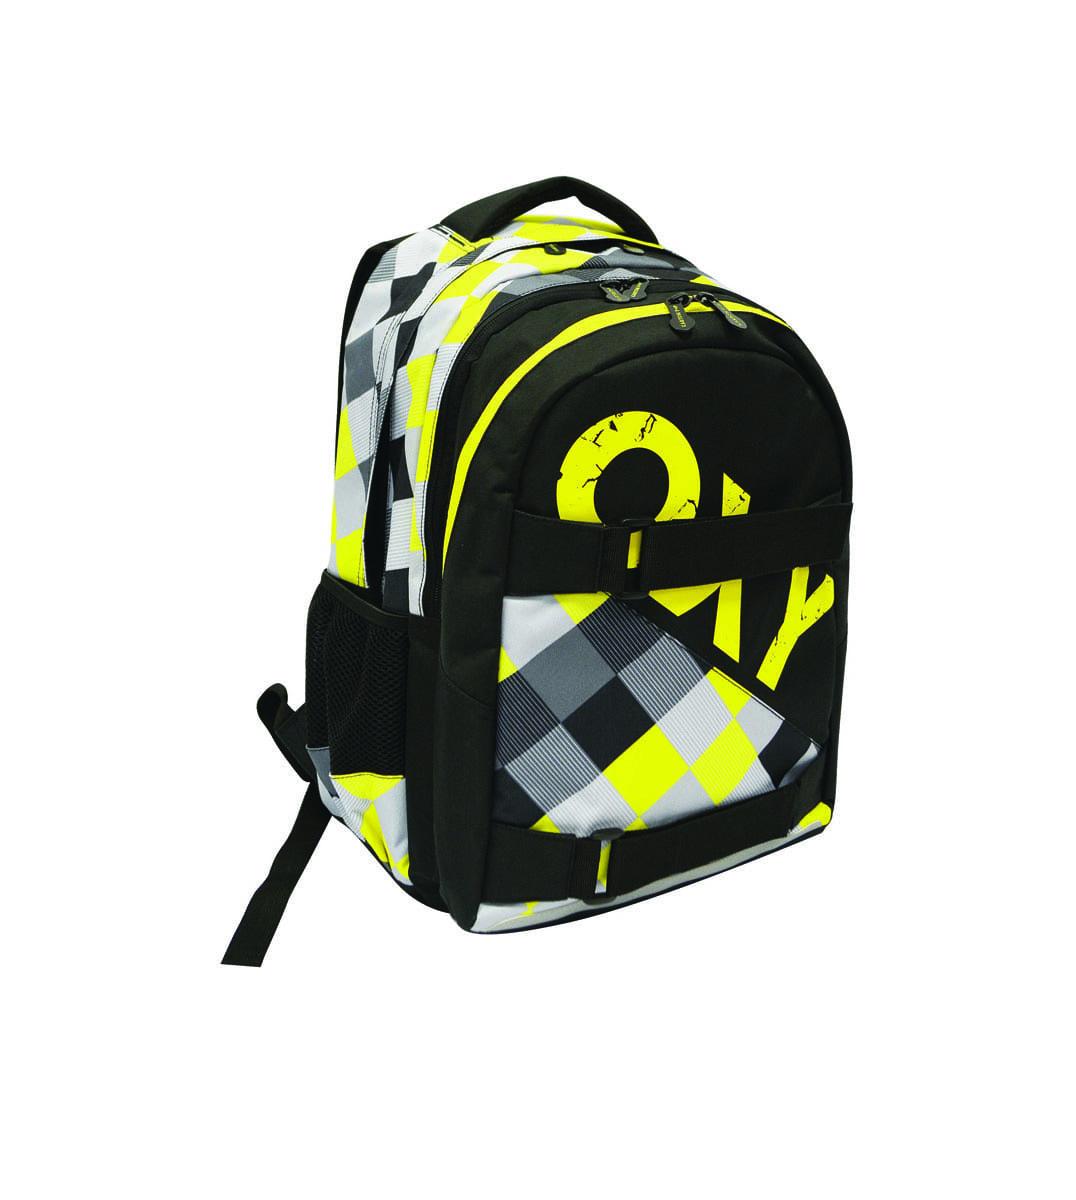 4d7d5ed0386 Studentský batoh OXY One Yellow - Školní potřeby » OXY STUDENTSKÉ ...